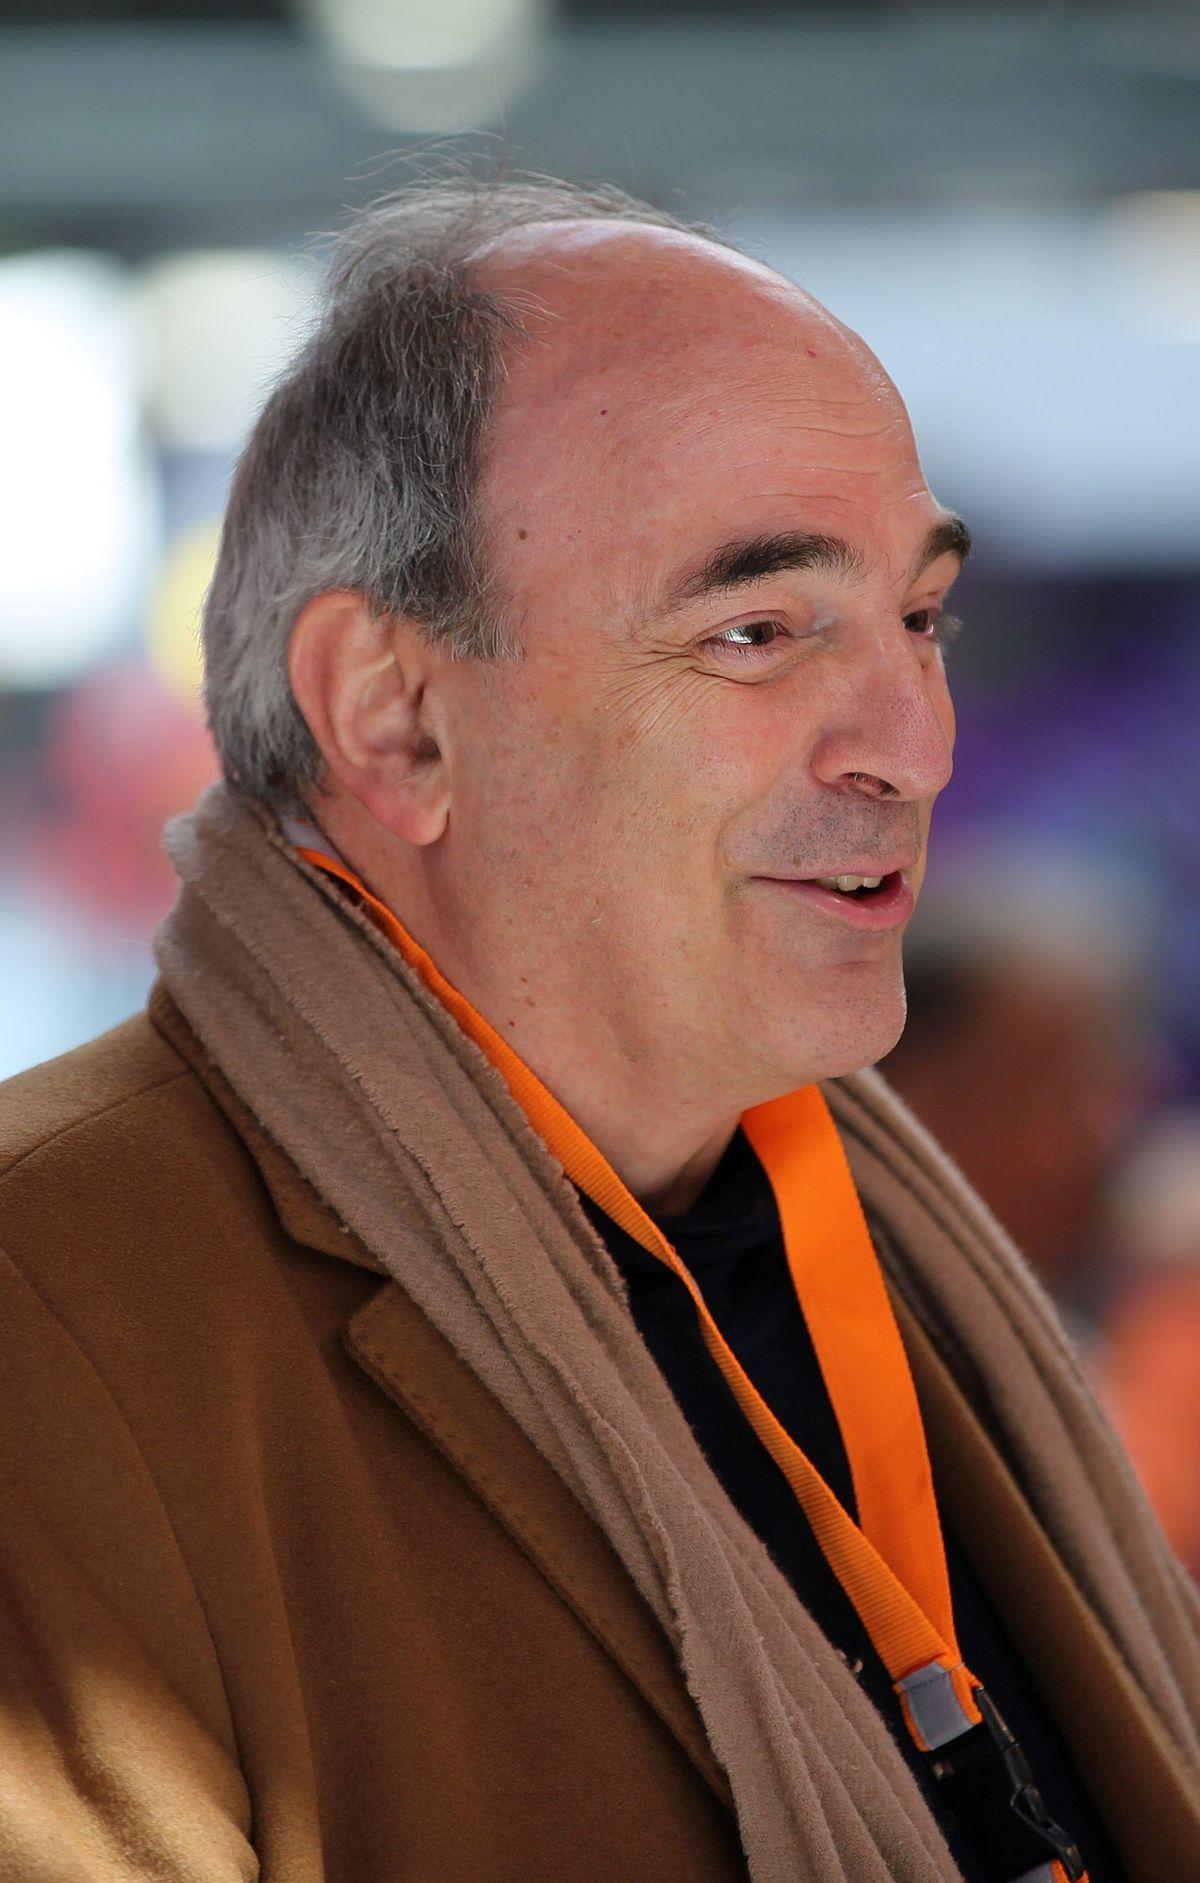 William Cohn